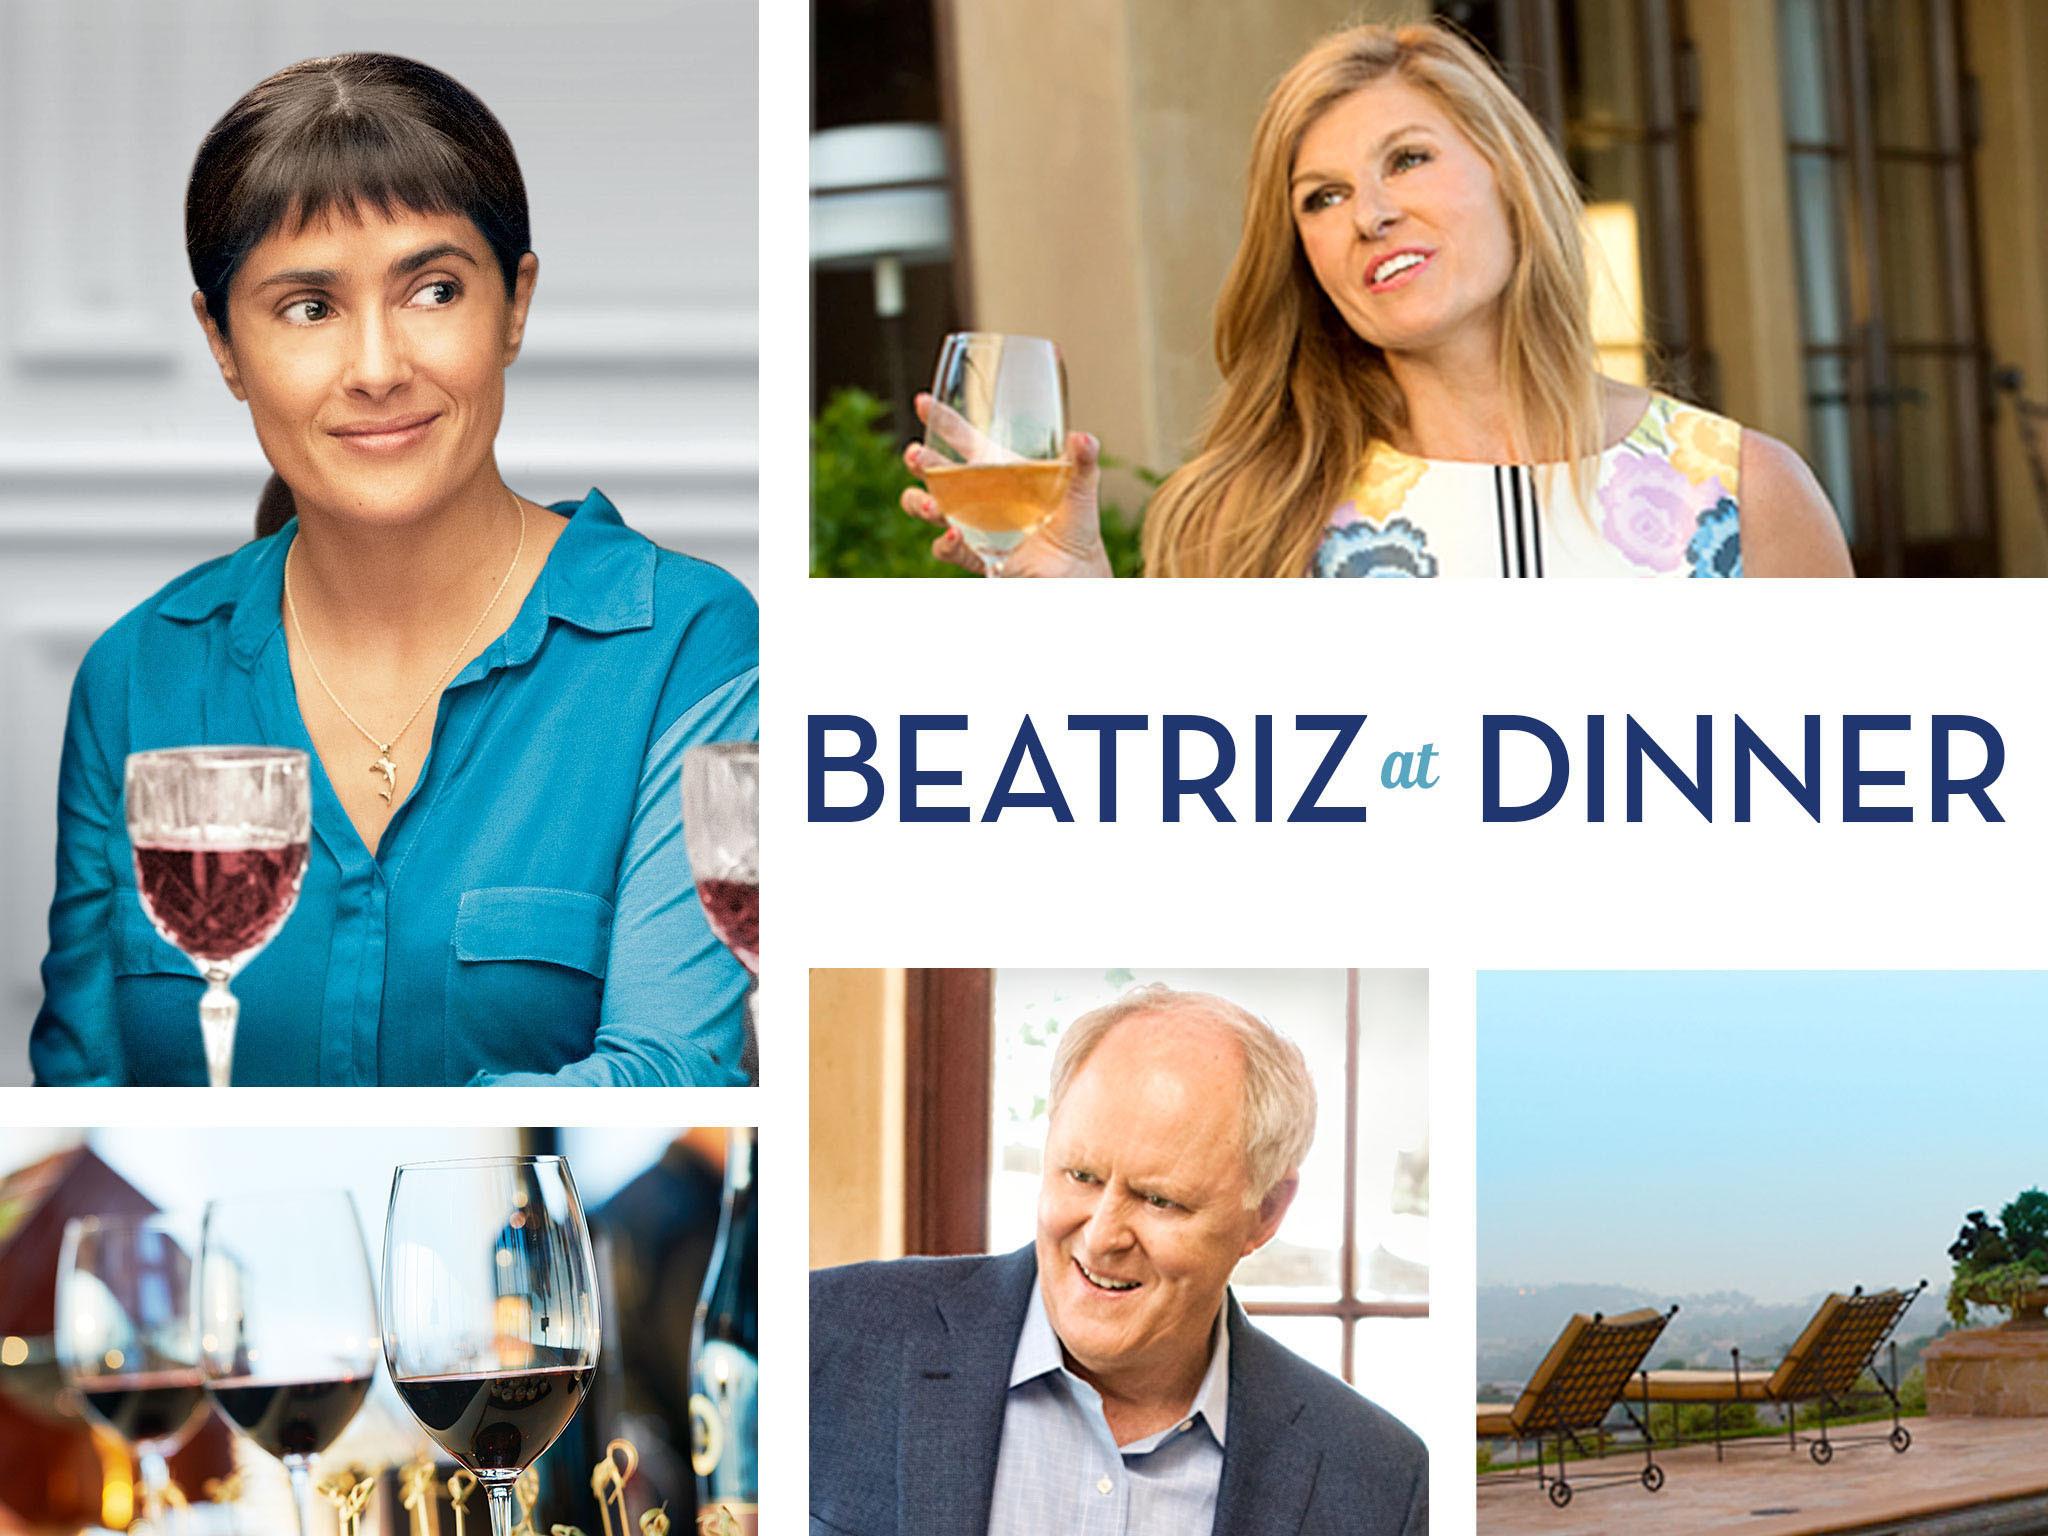 Beatriz For Dinner  Review Beatriz At Dinner